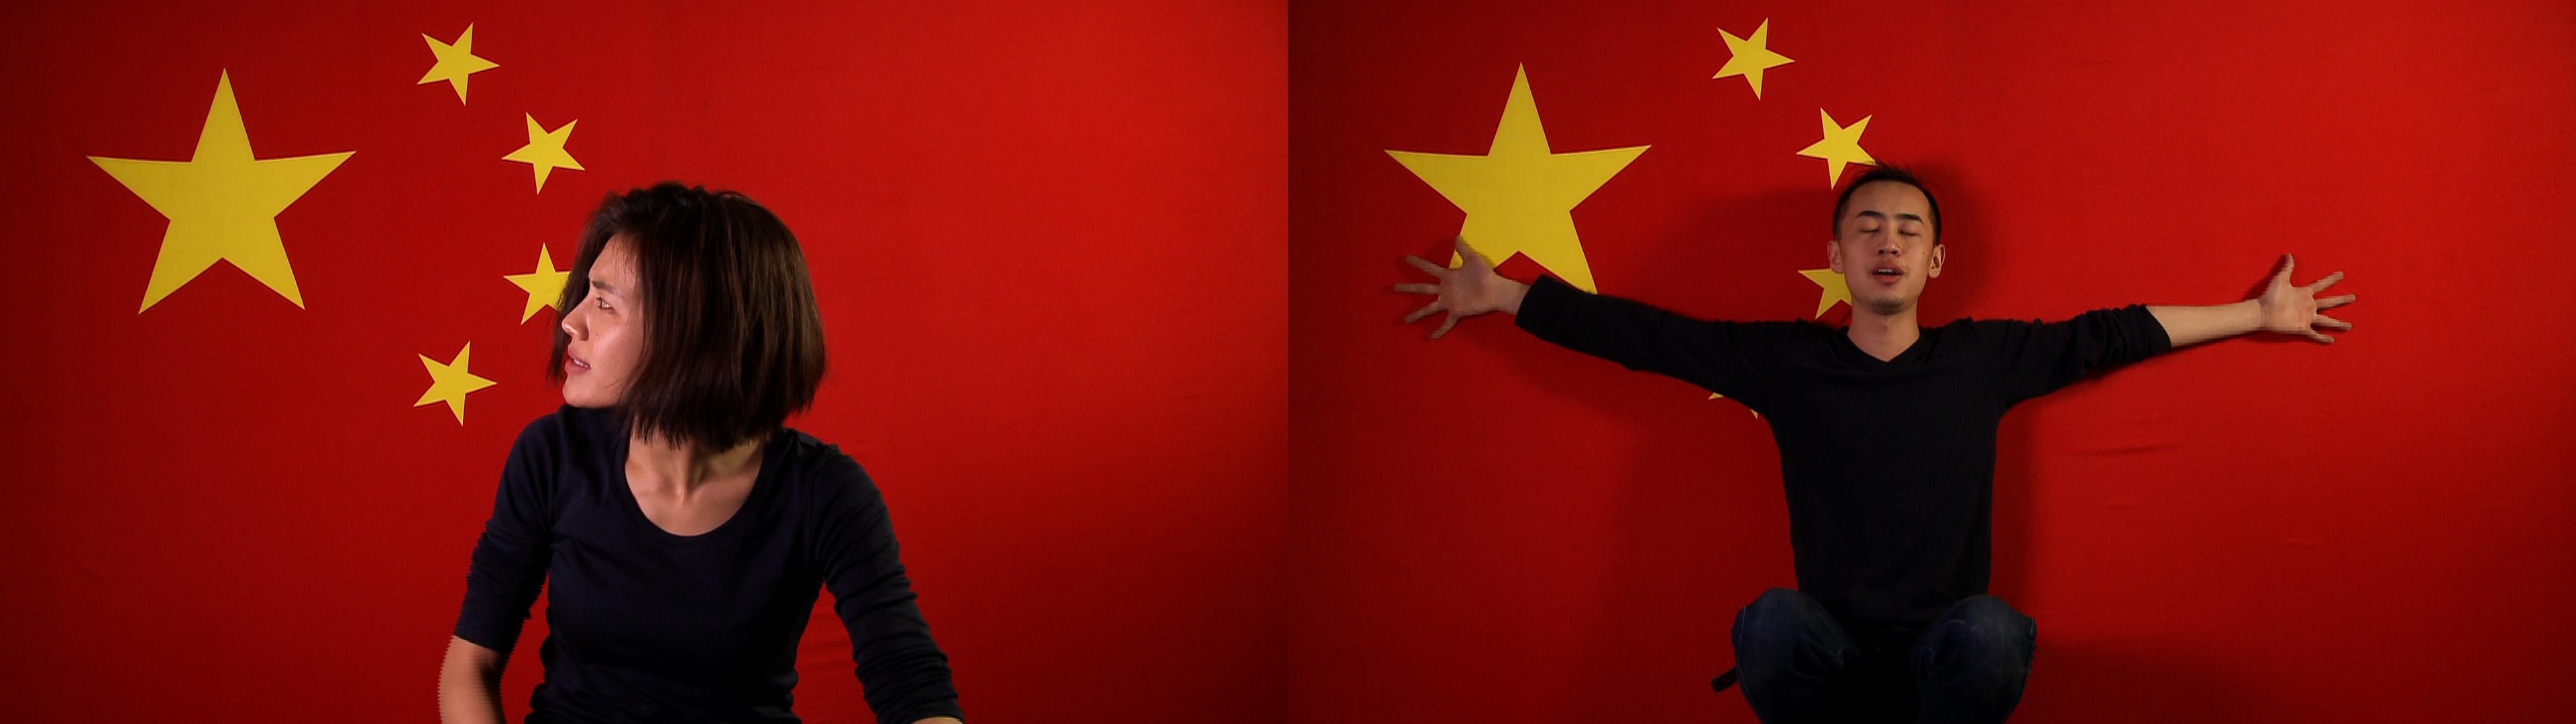 China mix 4